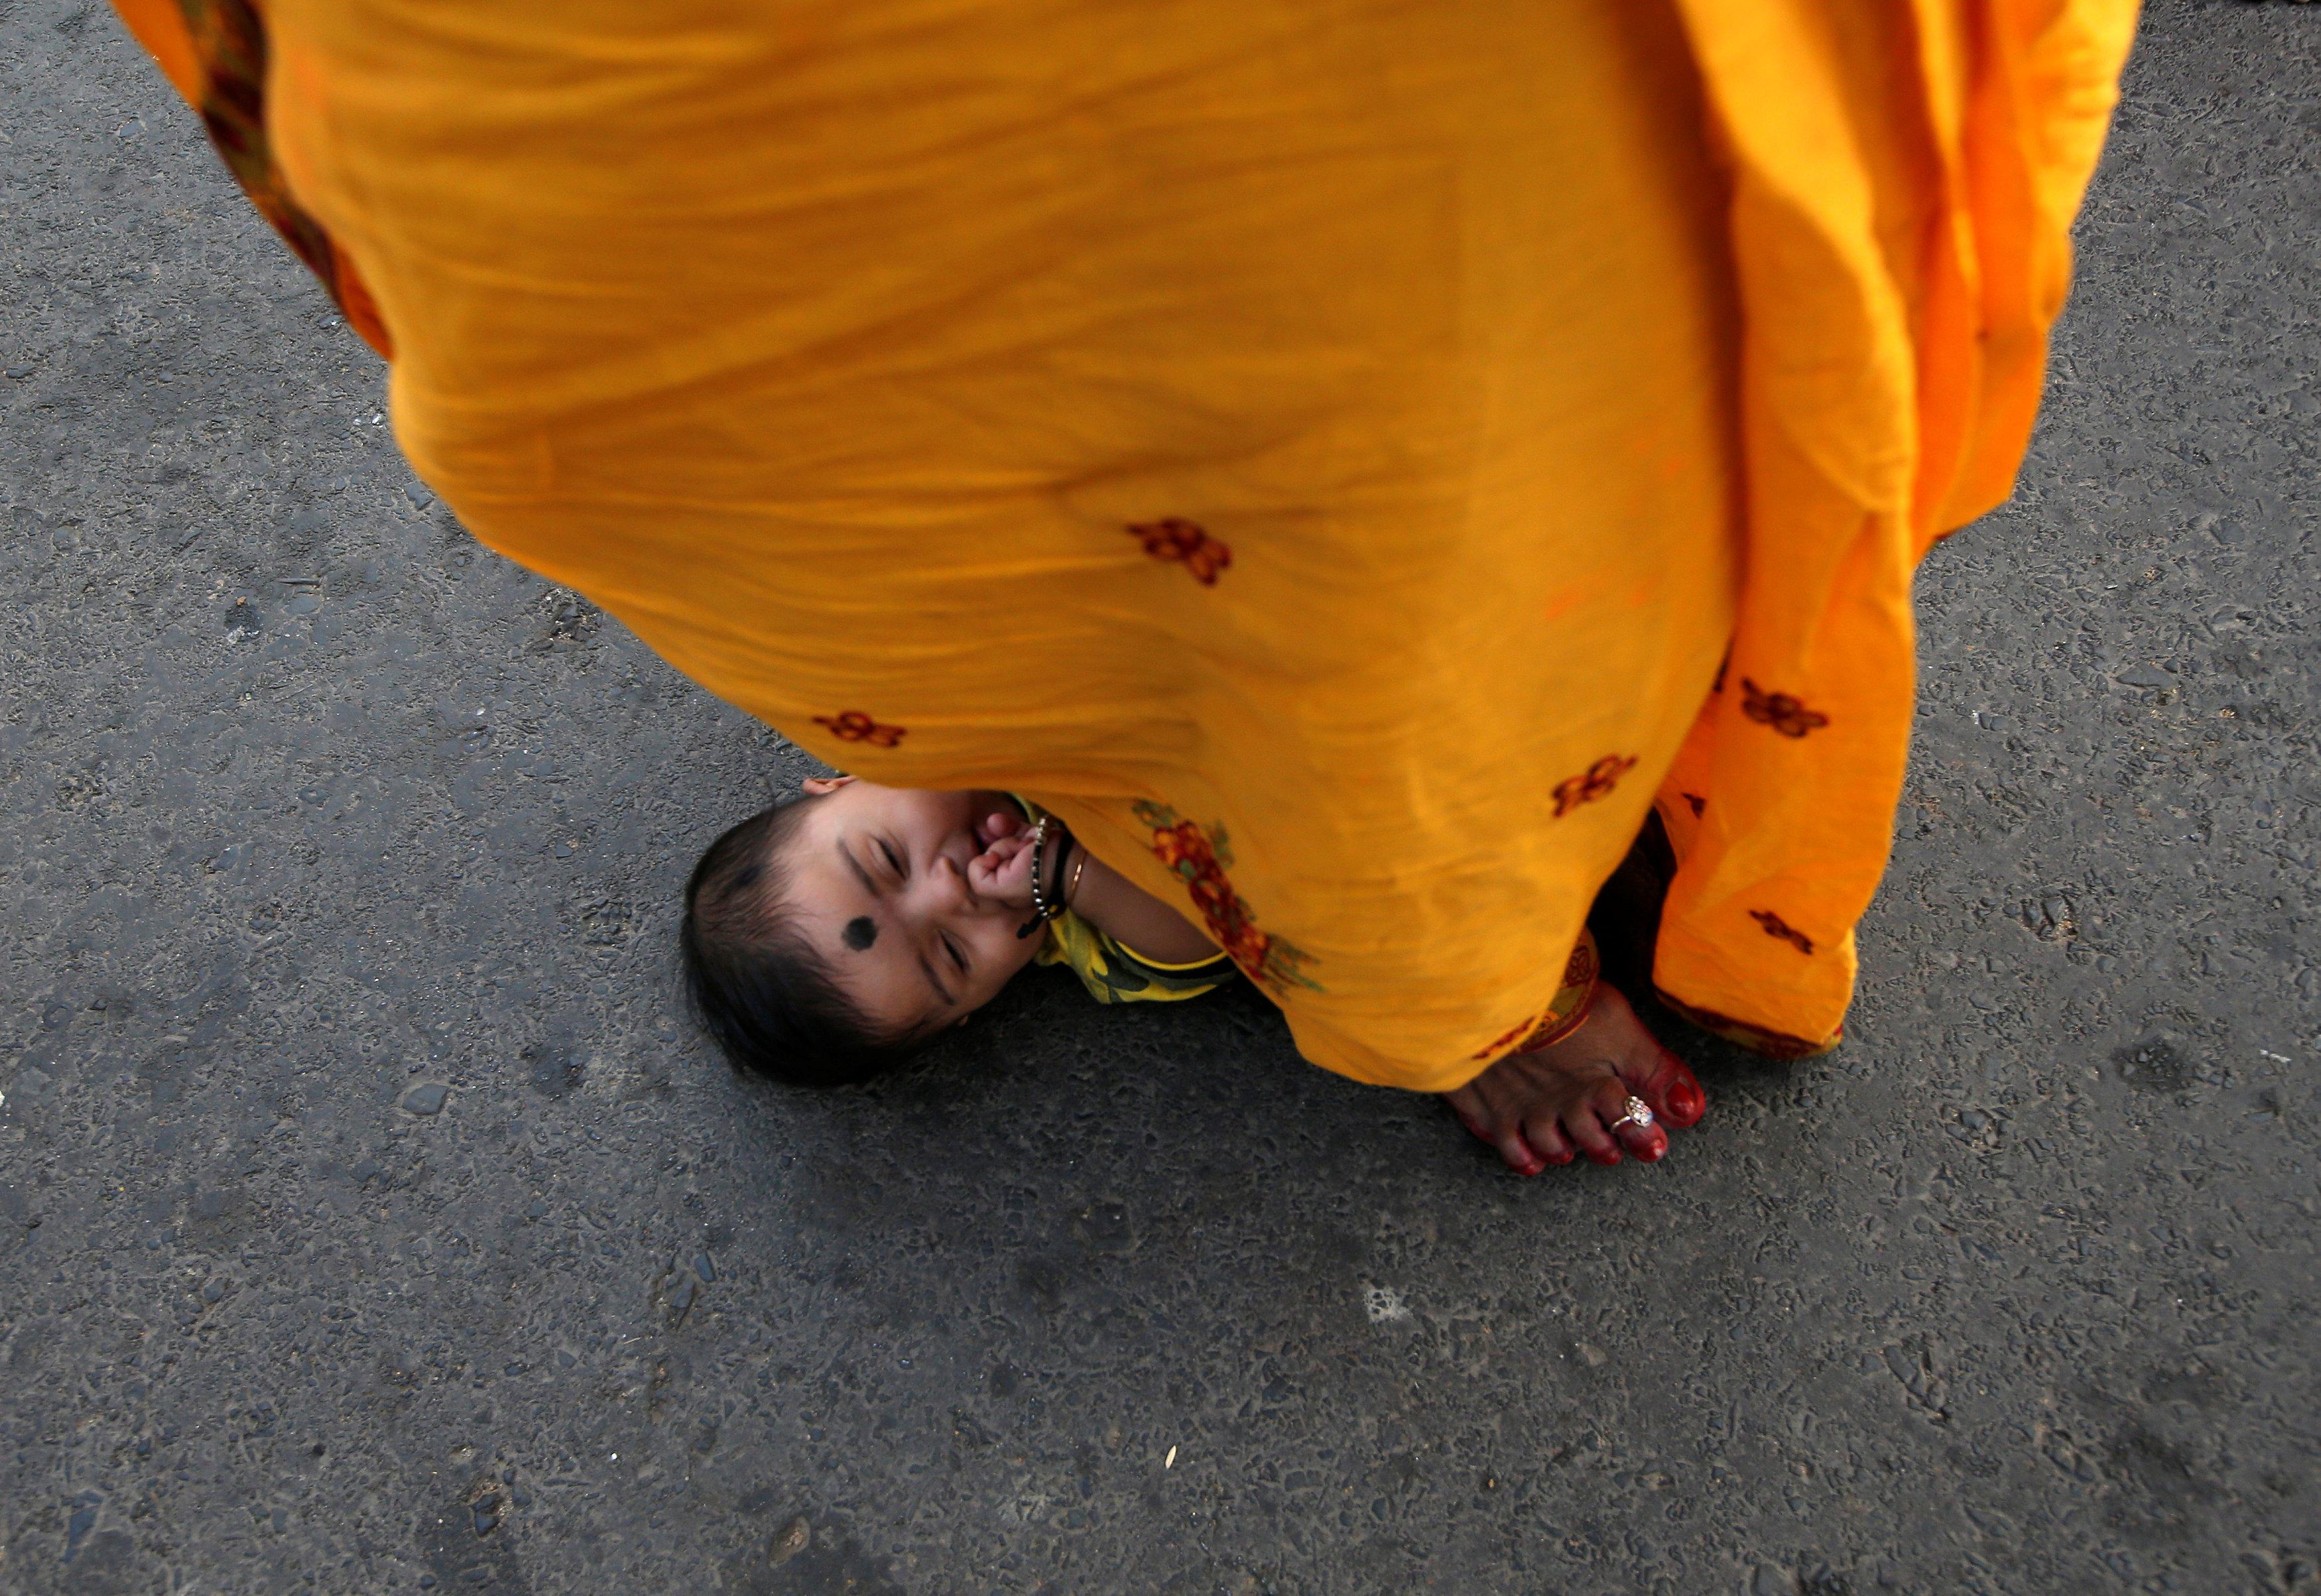 امرأة هندية تقف فوق طفل رضيع طلبا للبركة فى أحد طقوس العيد